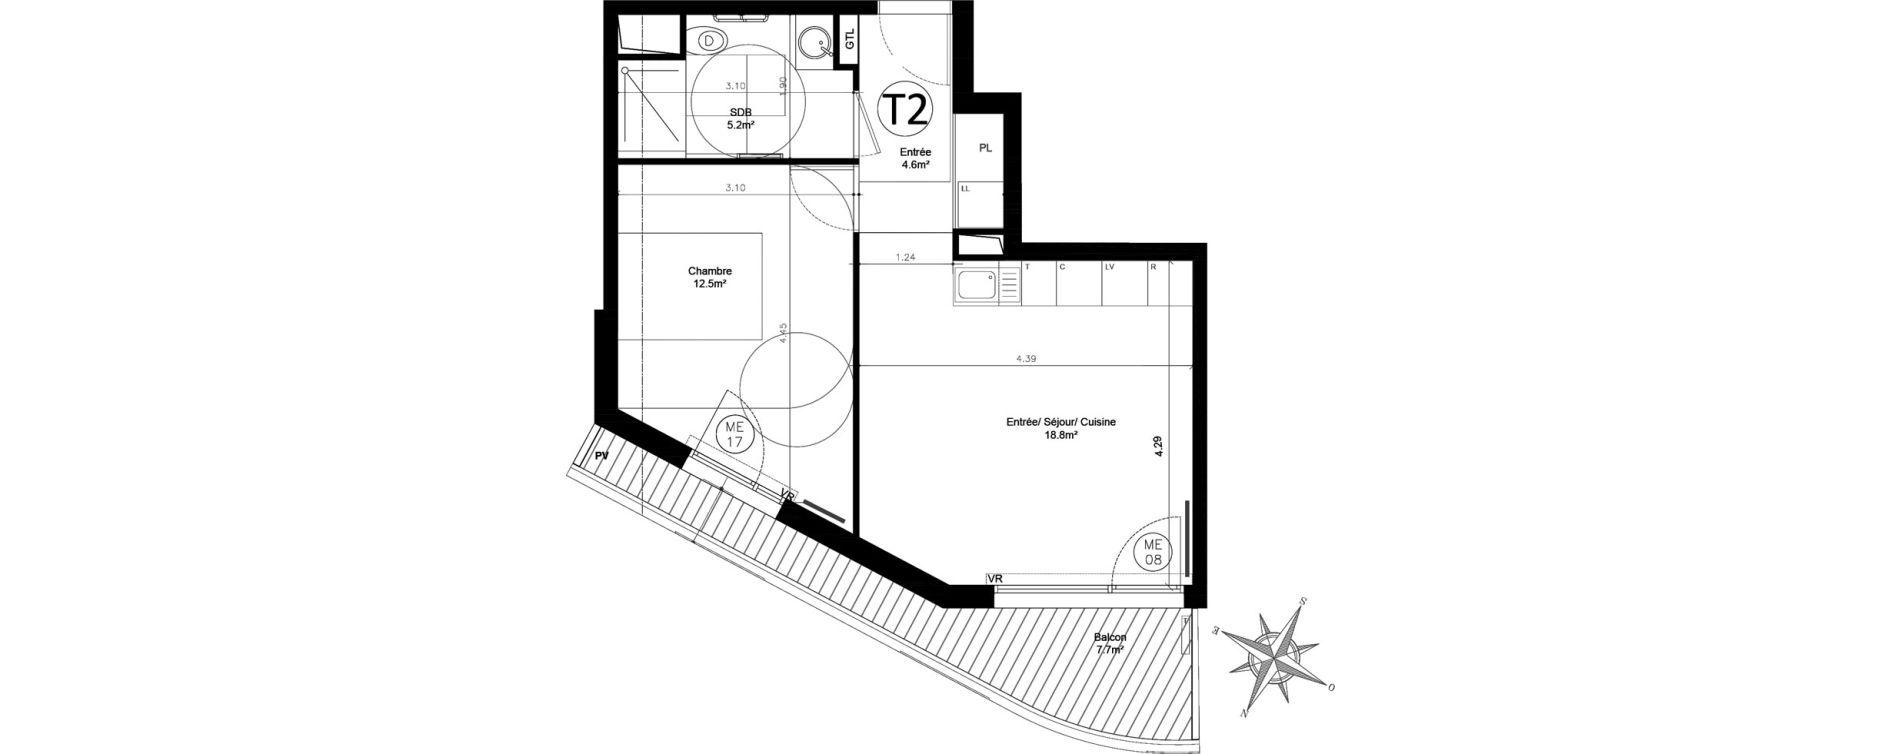 Appartement T2 de 41,10 m2 à Issy-Les-Moulineaux Chemin des vignes